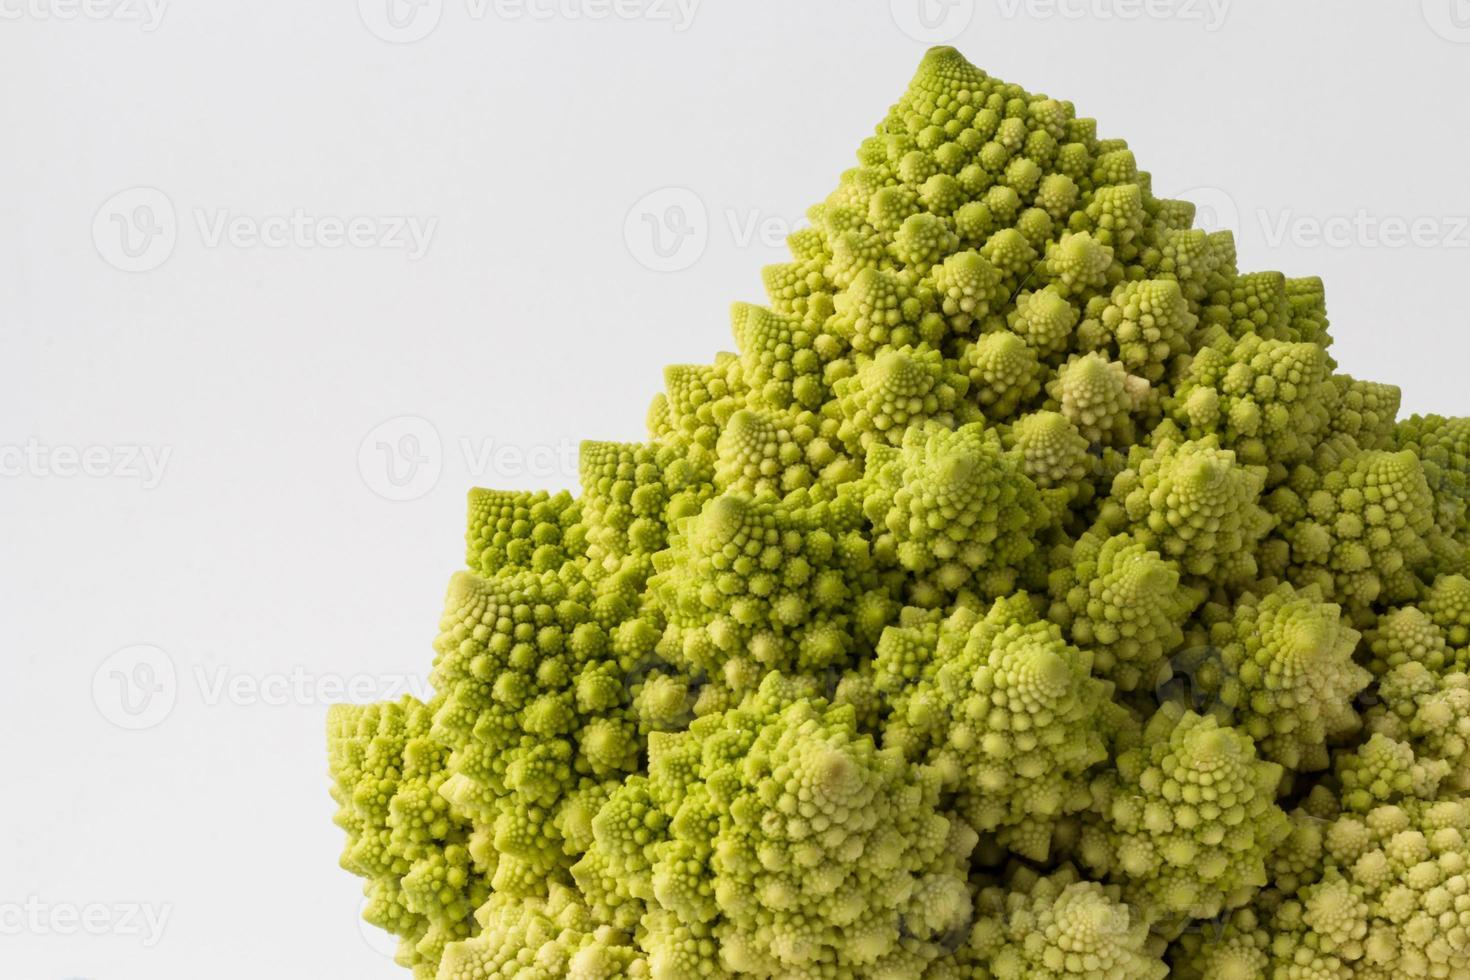 cavolfiore broccoli romanesco foto